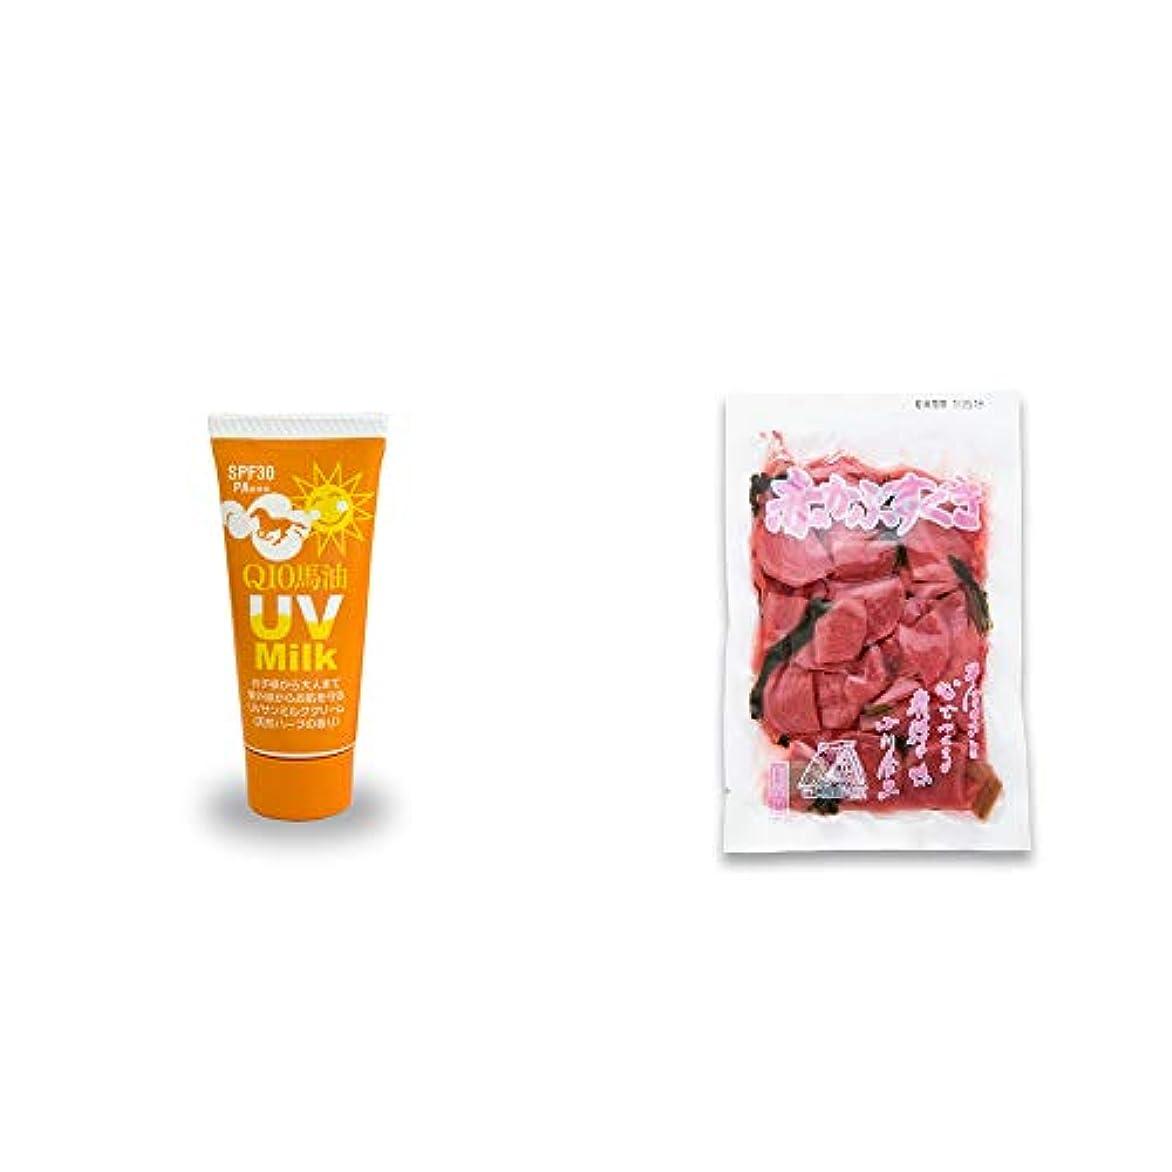 疼痛中絶蒸[2点セット] 炭黒泉 Q10馬油 UVサンミルク[天然ハーブ](40g)?赤かぶすぐき(160g)